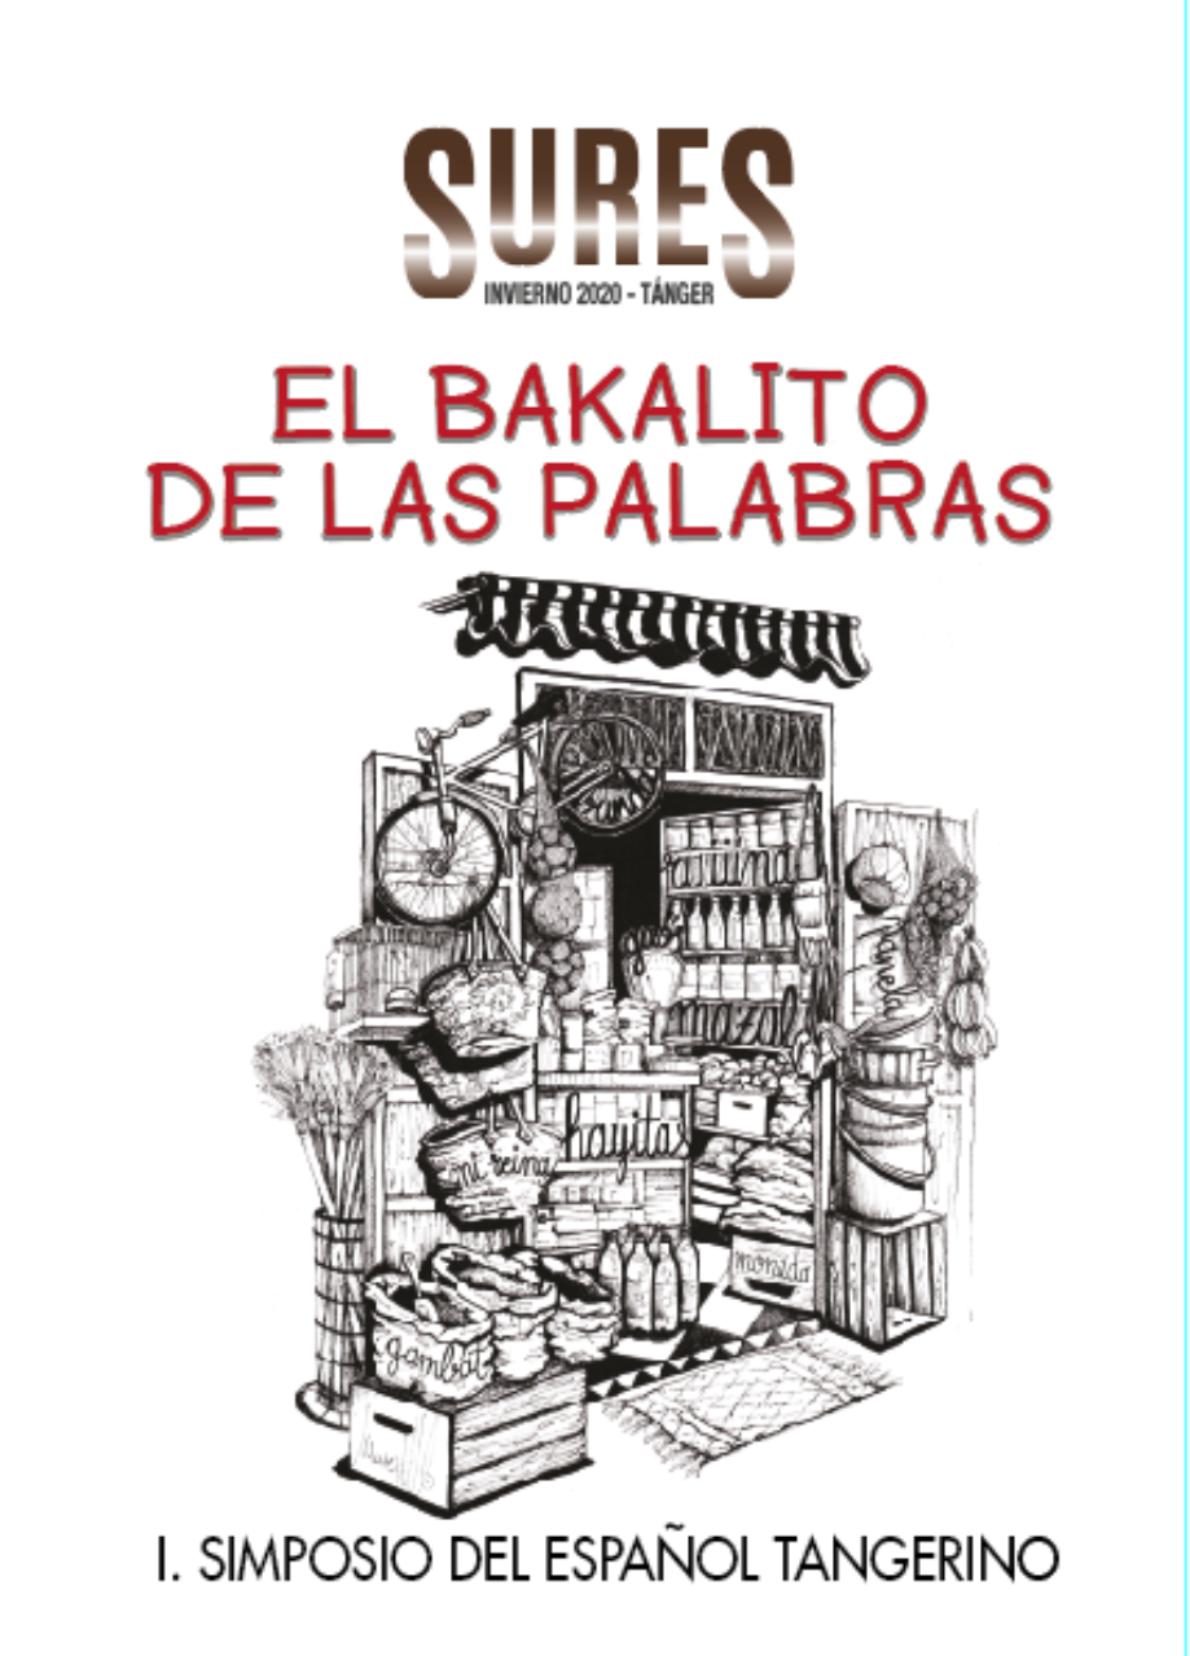 EL BAKALITO DE LAS PALABRAS